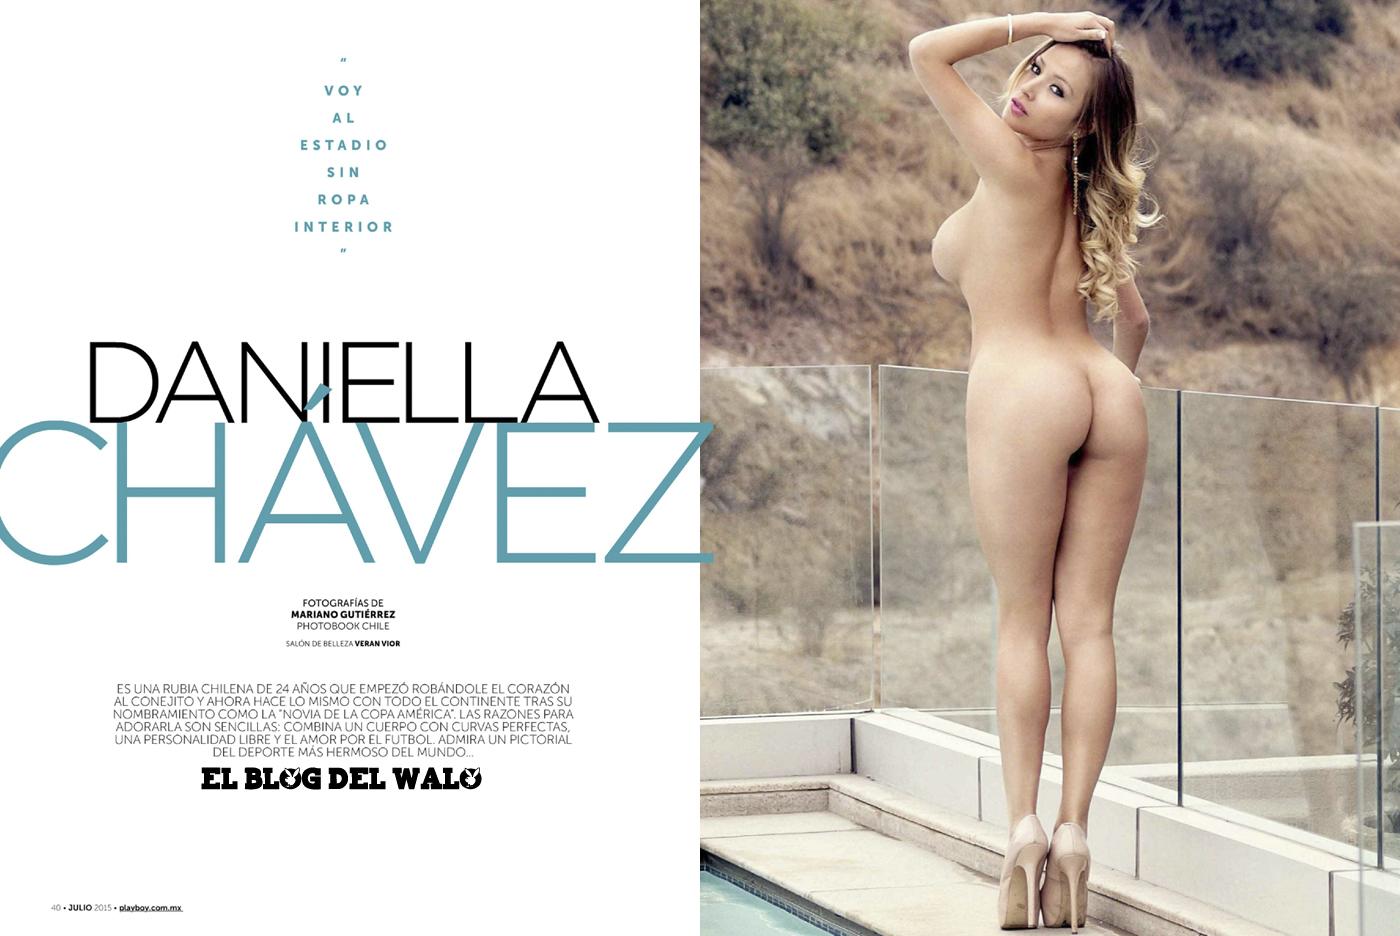 Daniela Hantuchová desnuda - Fotos y -